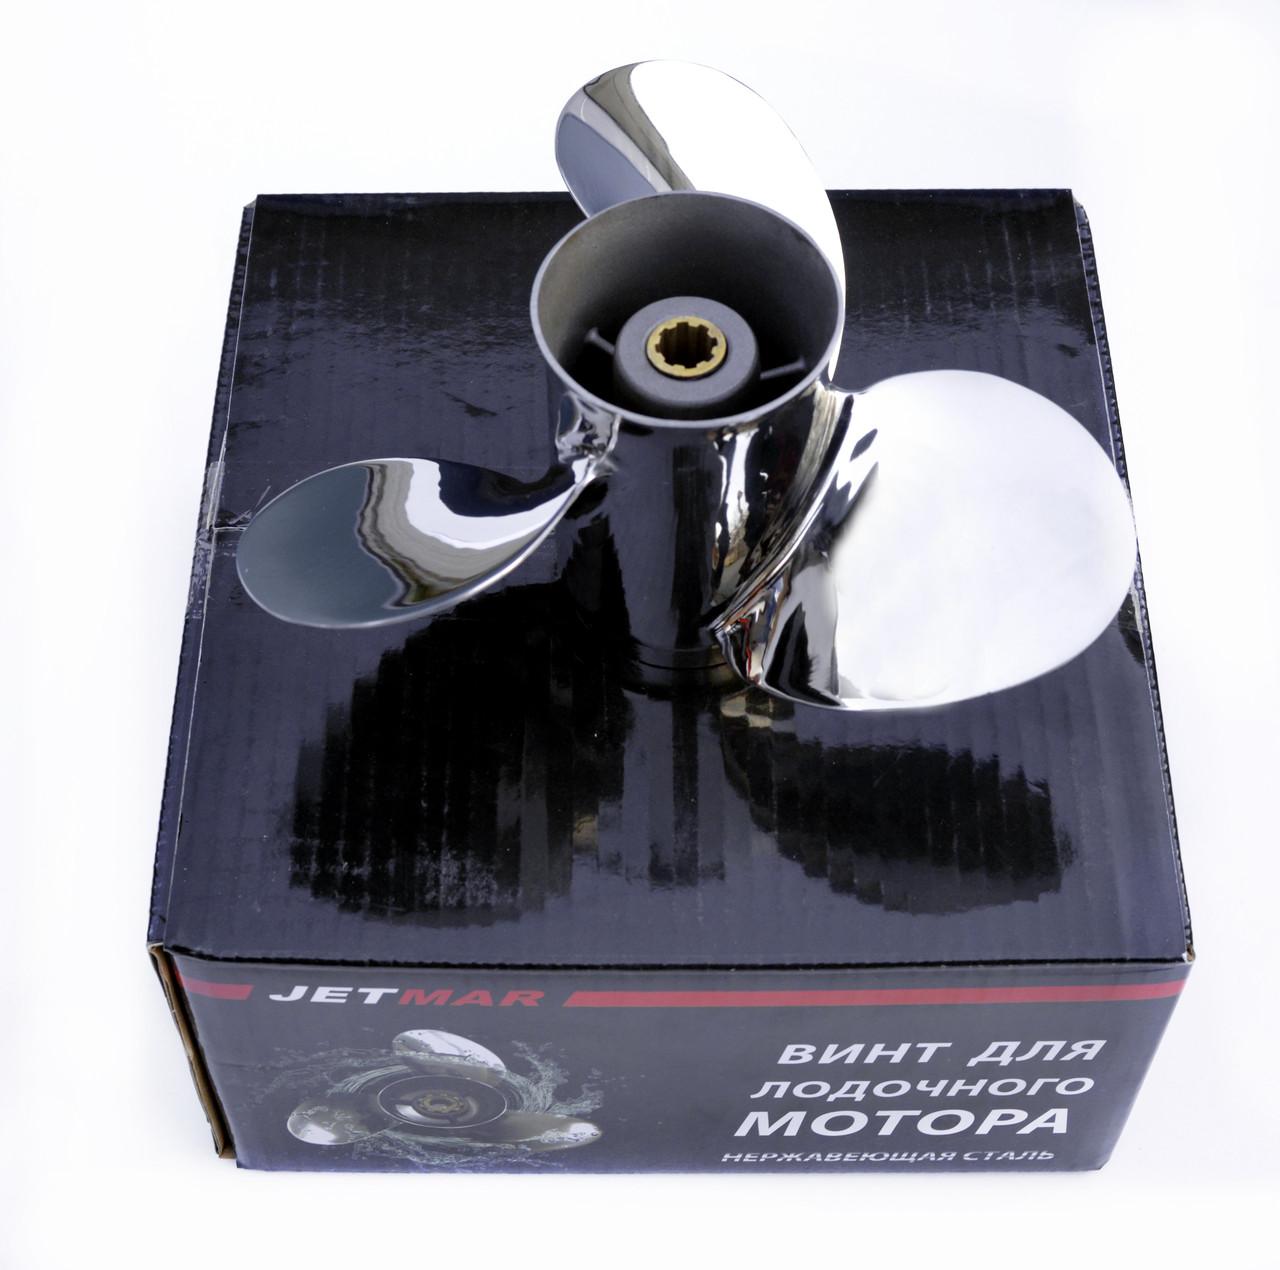 Винт гребной лодочный Yamaha 20-30 л.с. JETMAR 664-45949-02-EL нержавейка